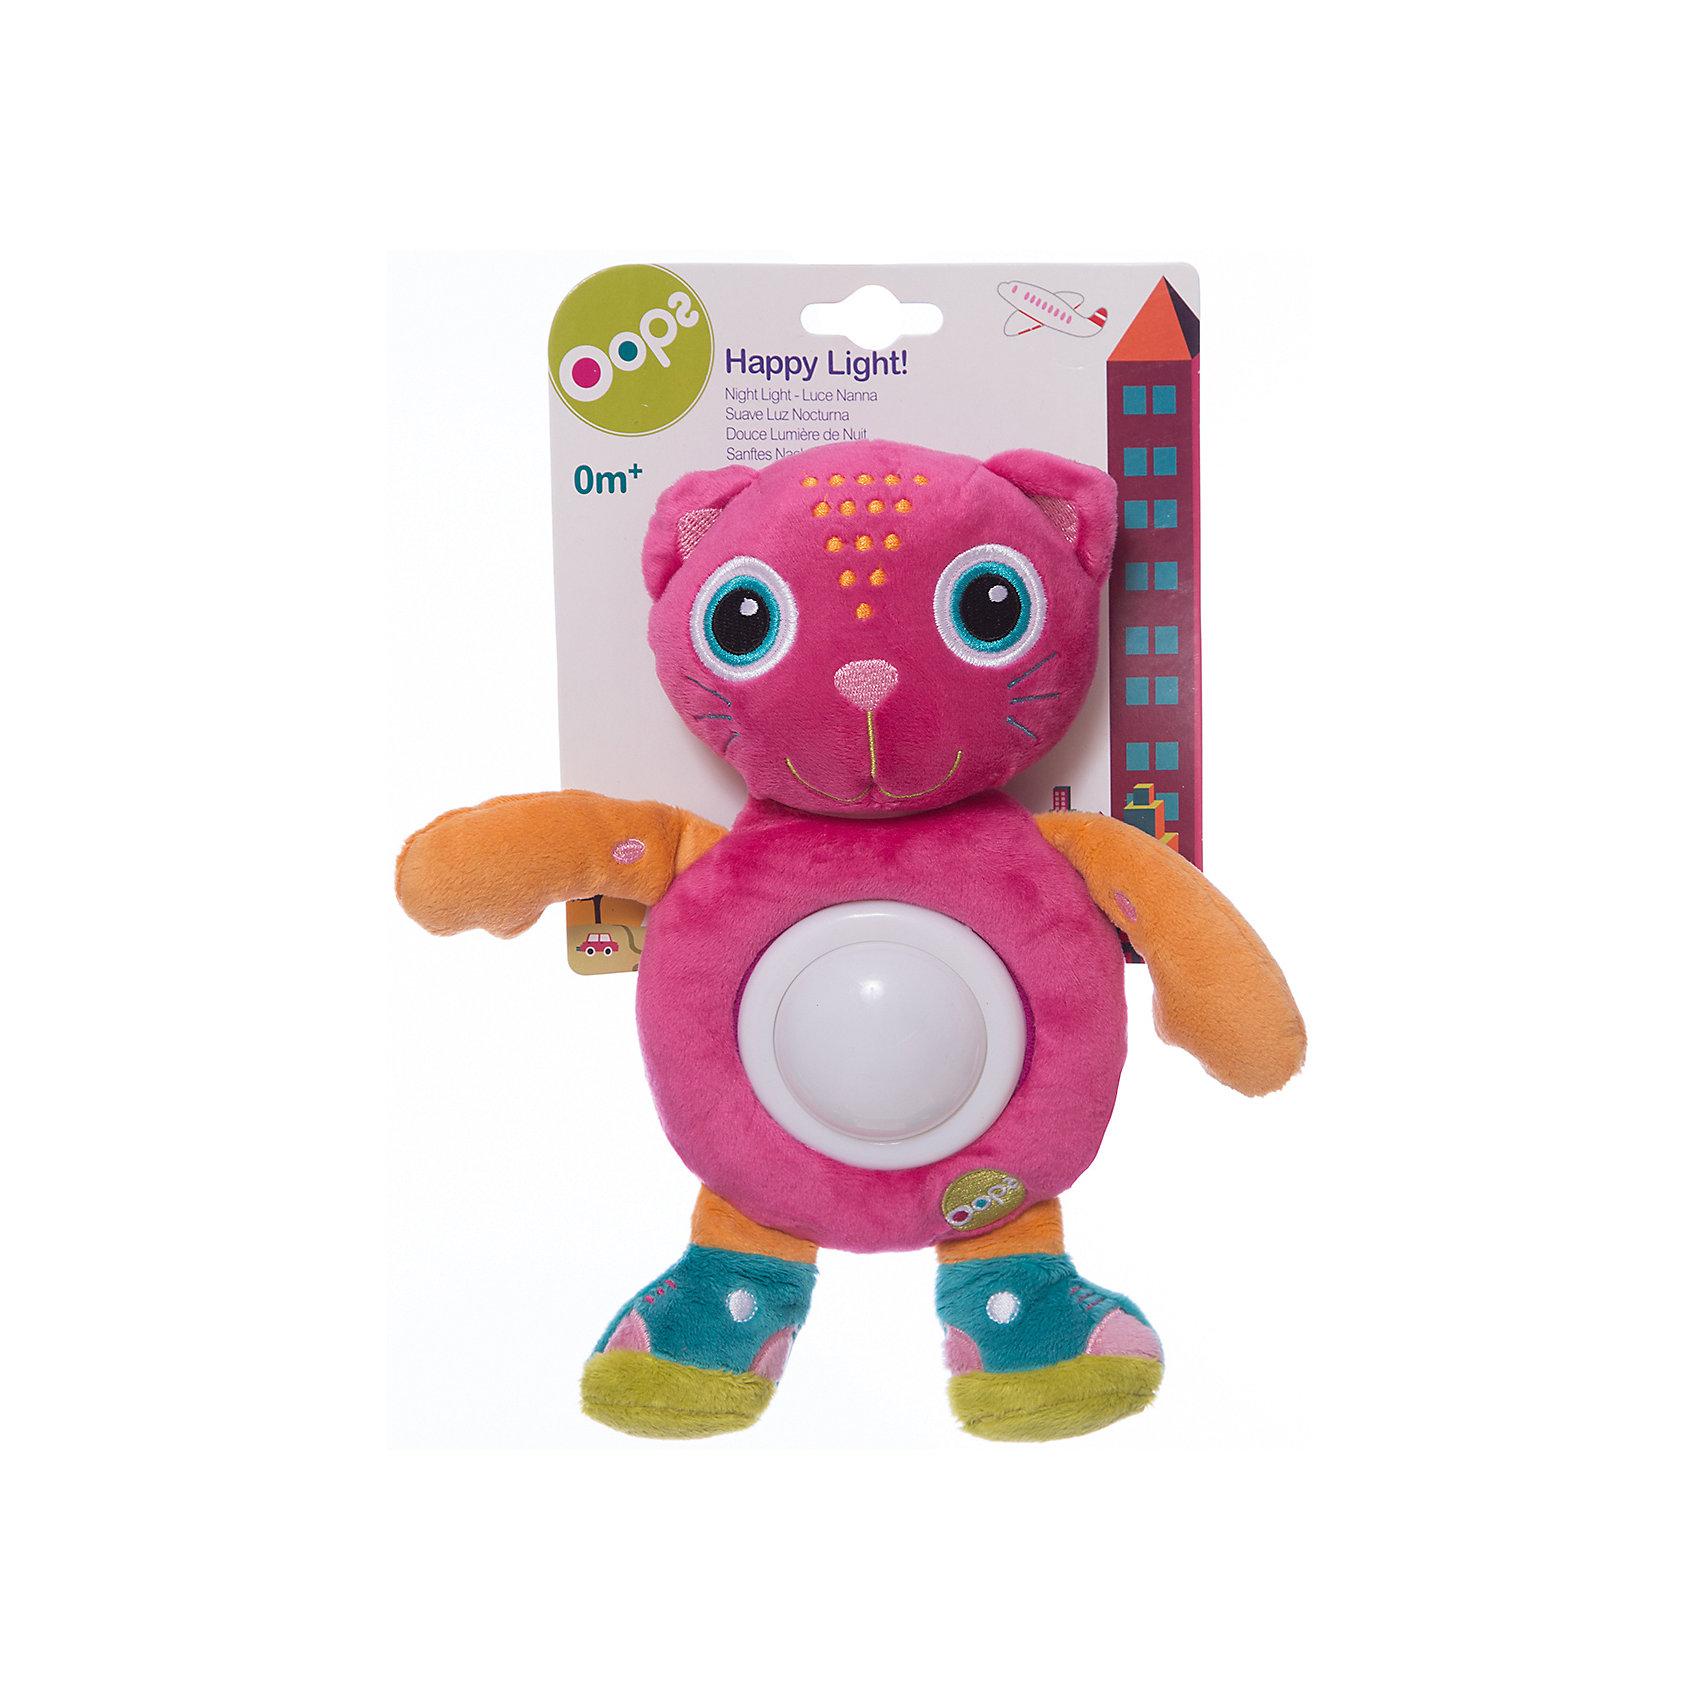 Игрушка-ночник Кошка, OopsХарактеристики игрушки-ночника Кошка:<br><br>- тип ночника: детский<br>- год выпуска: 2015<br>- назначение: освещение детских комнат<br>- крепление: настольное<br>- количество ламп: 1 шт.<br>- материал плафона: пластик<br>- тип выключателя: механический<br>- размеры: 20  * 25 * 6  см <br>- размер упаковки (дхшхв): 20* 18 * 5 см <br>- вес в упаковке: 110 г<br>- электропитание: 2 ААА<br>- форм-фактор батареи: AAA (LR03)<br>- количество элементов питания: 2 шт.<br>- комплектация ночник: 3 батарейки АА<br>- вес в упаковке: 105 г<br>- производитель: Oops (Китай).<br><br>Игрушка-ночник Кошка швейцарской торговой марки Oops (Упс)  - это очаровательная кошечка, которая будет охранять сон ребёнка, и освещать детскую комнату приятным мягким светом. Игрушка - ночник Кошка имеет яркий и стильный дизайн, выполнена в приятном сочетании разных расцветок тканей из высококачественных материалов. Приятная для тактильных ощущений игрушка, несомненно, понравится ребёнку. В ночное время её можно использовать в качестве ночника, который включается лёгким нажатие на животик кошечки и меняет цвет освещения от зеленого до красного, синего и желтого. Ребёнку будет интересно наблюдать за такими волшебными изменениями.<br><br>Игрушка-ночник Кошка торговой марки Oops (Упс)  торговой марки Oops можно купить в нашем интернет-магазине.<br><br>Ширина мм: 160<br>Глубина мм: 60<br>Высота мм: 270<br>Вес г: 225<br>Возраст от месяцев: 24<br>Возраст до месяцев: 60<br>Пол: Унисекс<br>Возраст: Детский<br>SKU: 5146697